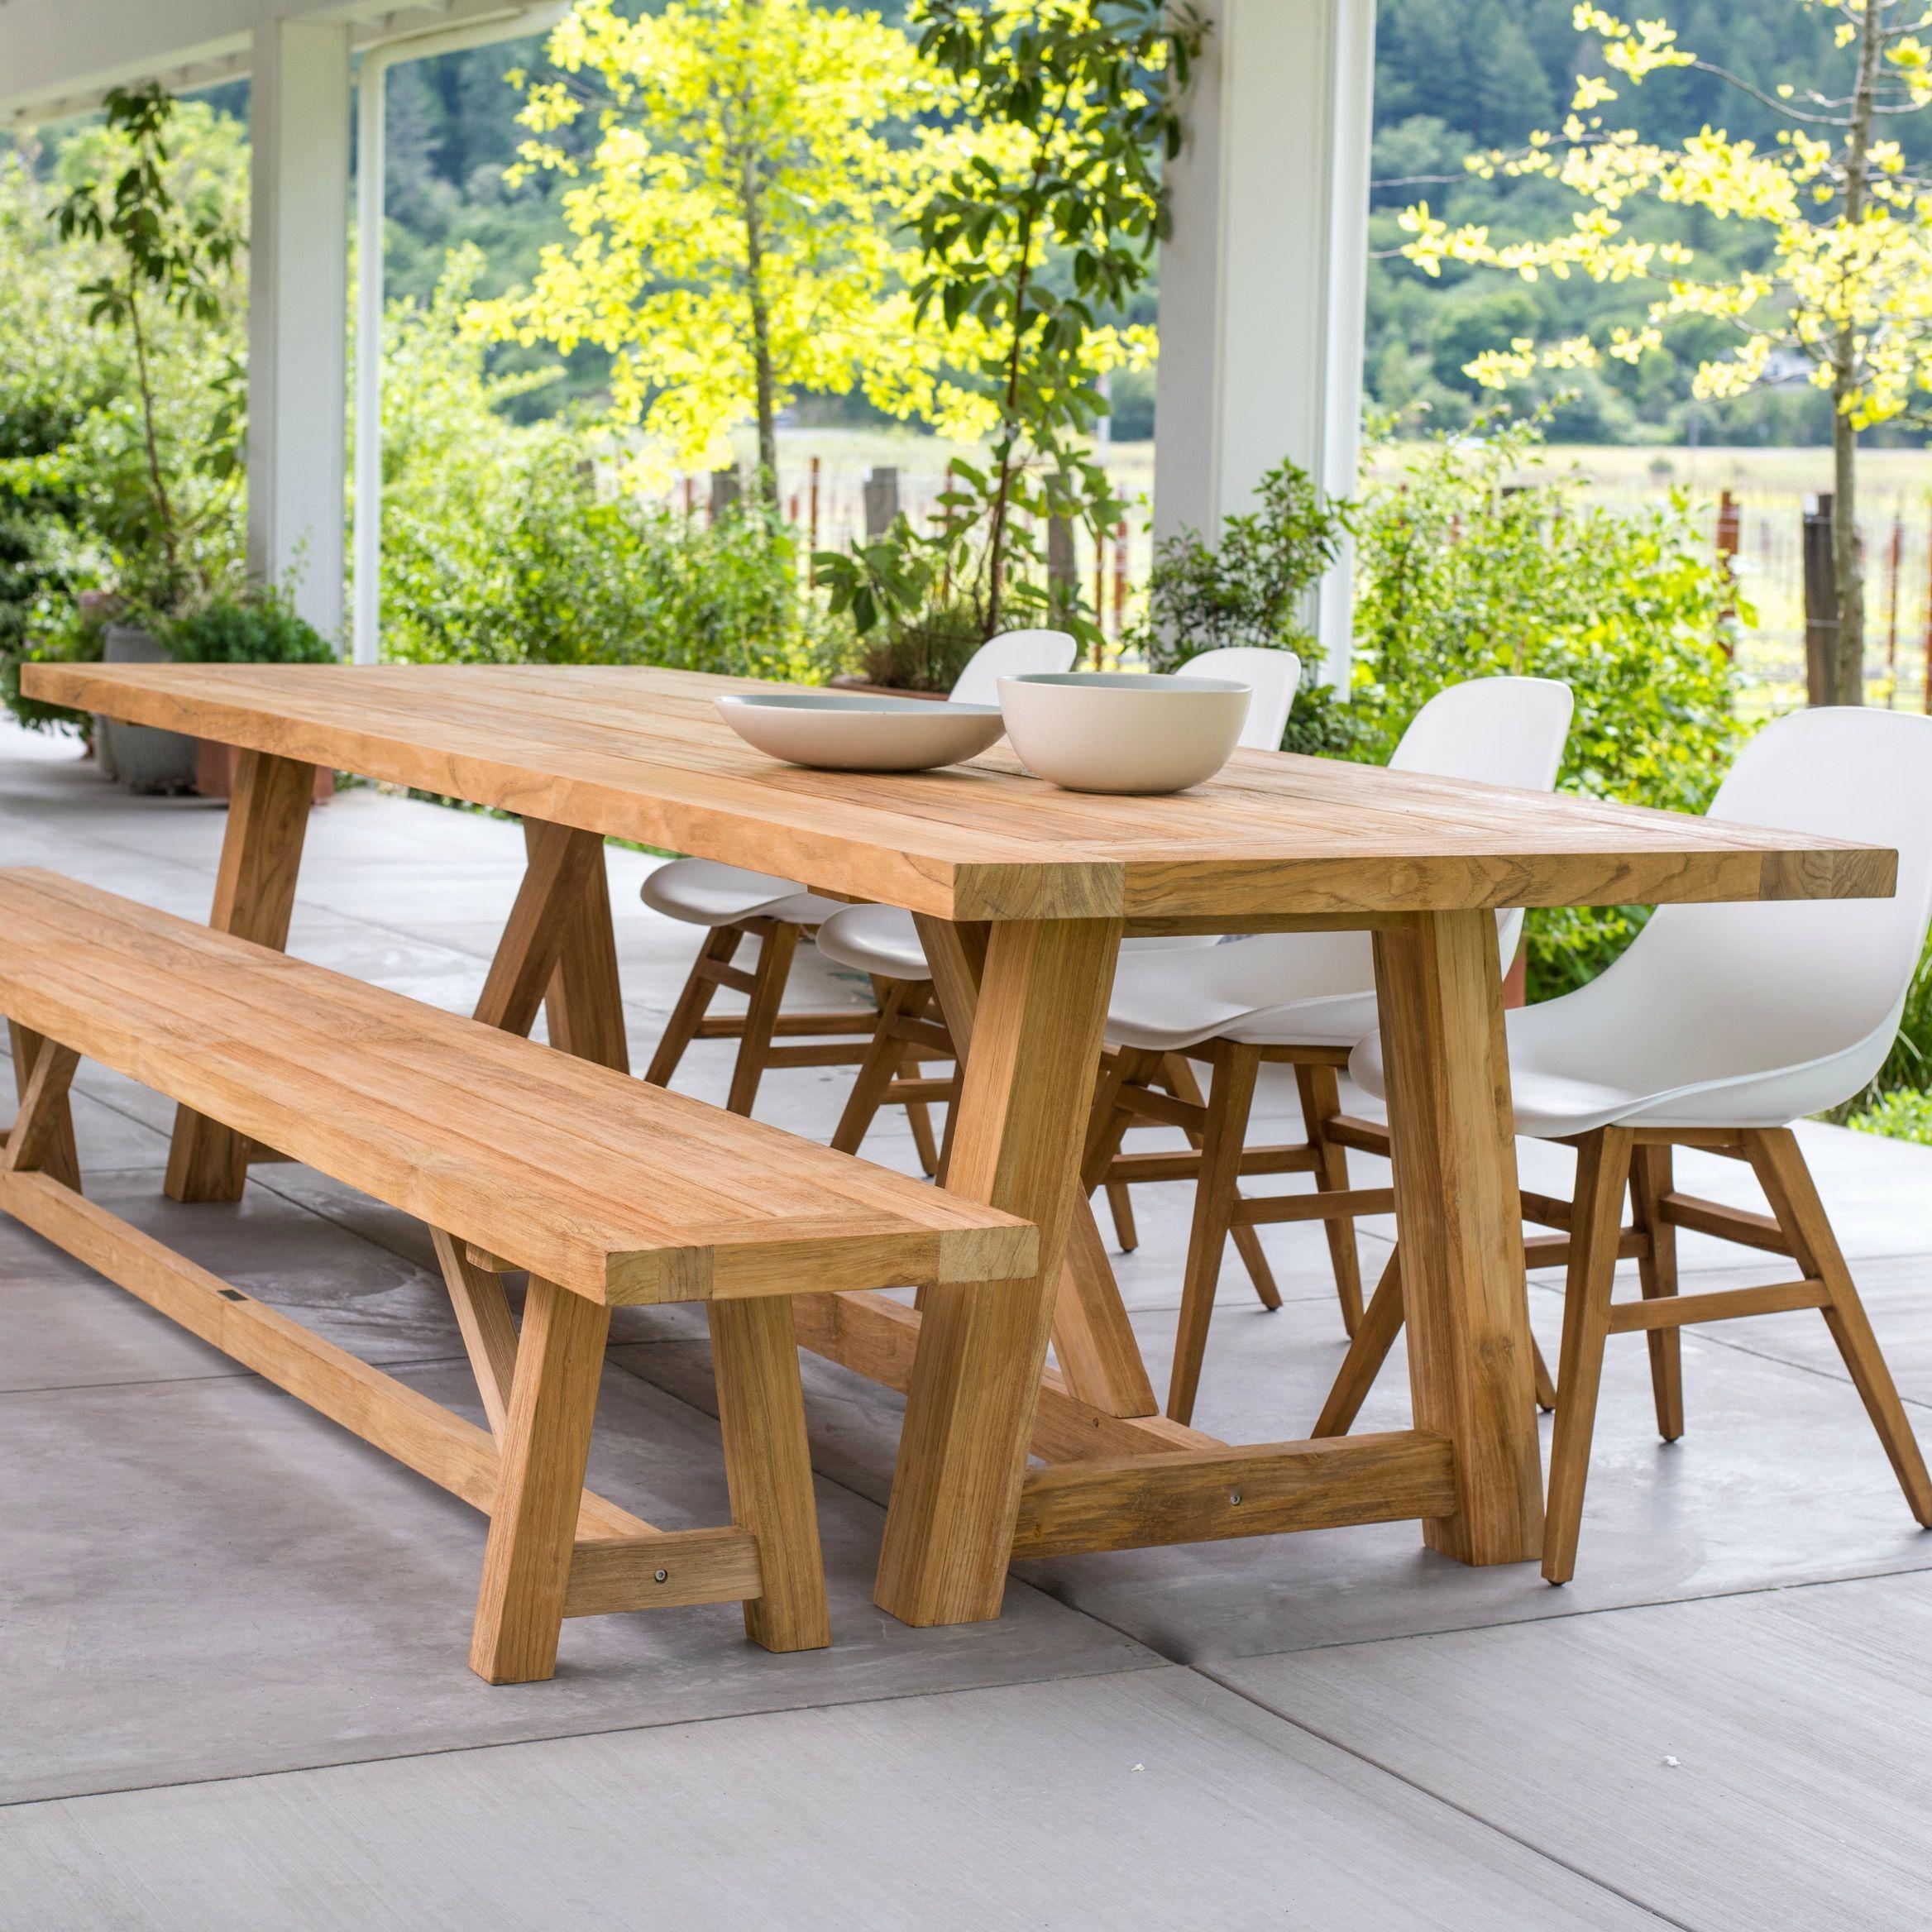 Vintage Beam Table In Teak Terra Outdoor Living Teak Outdoor Furniture Outdoor Dining Furniture Teak Patio Furniture